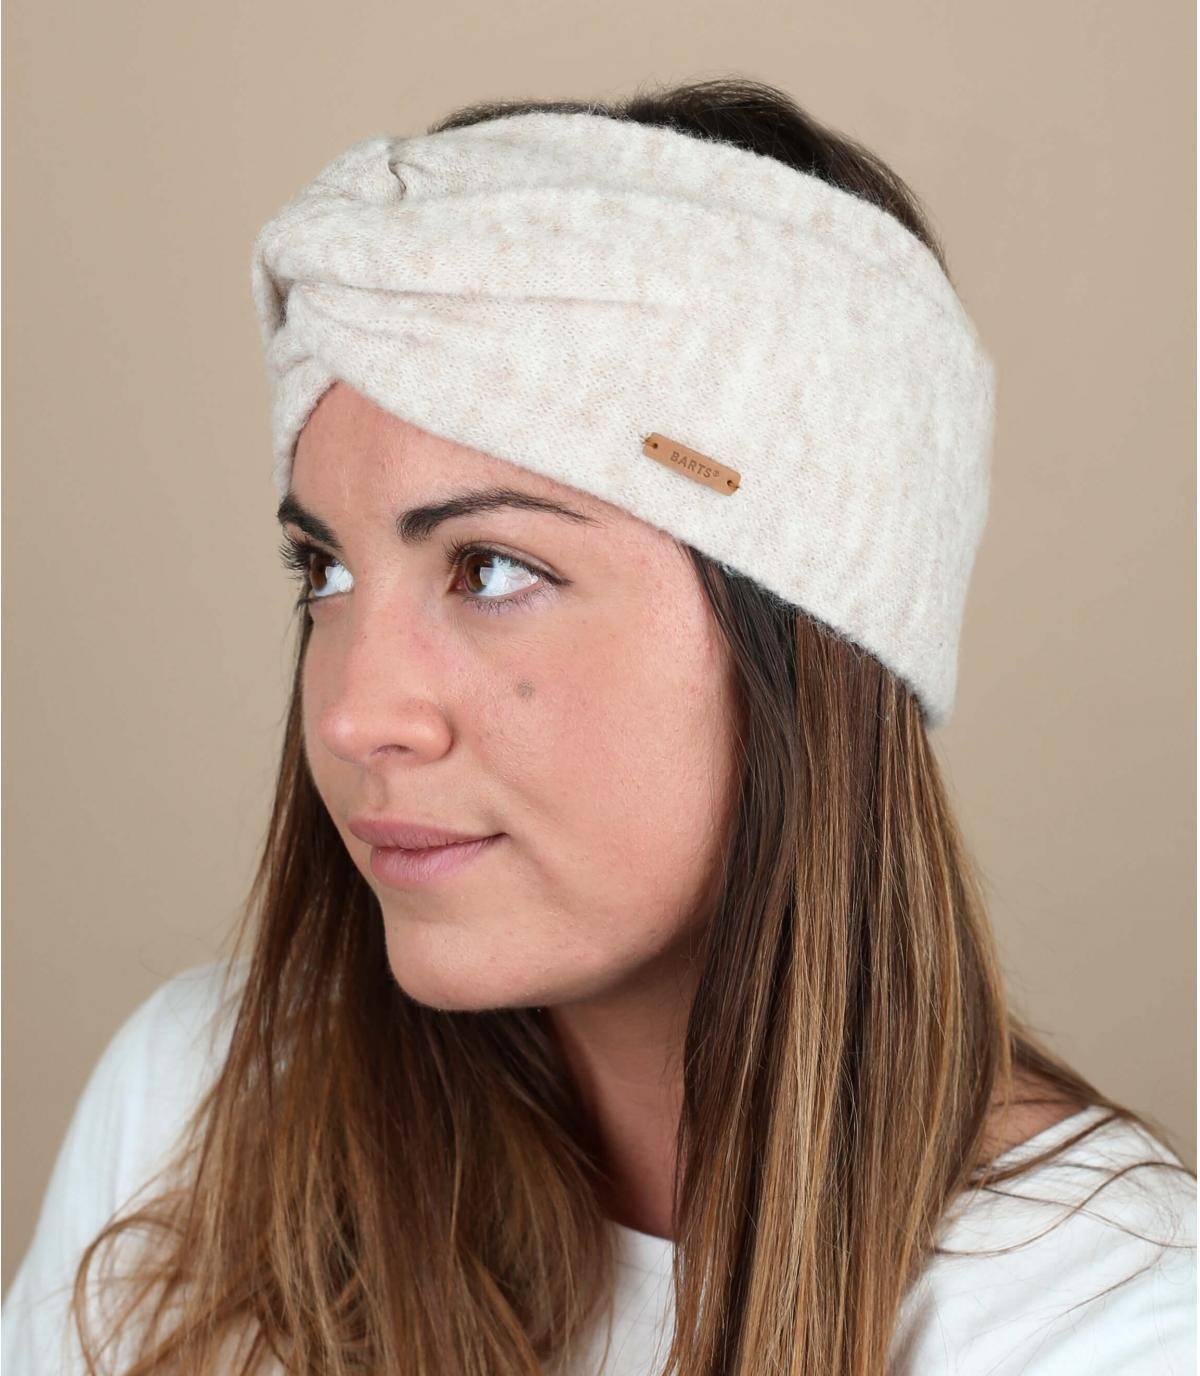 White winter headband